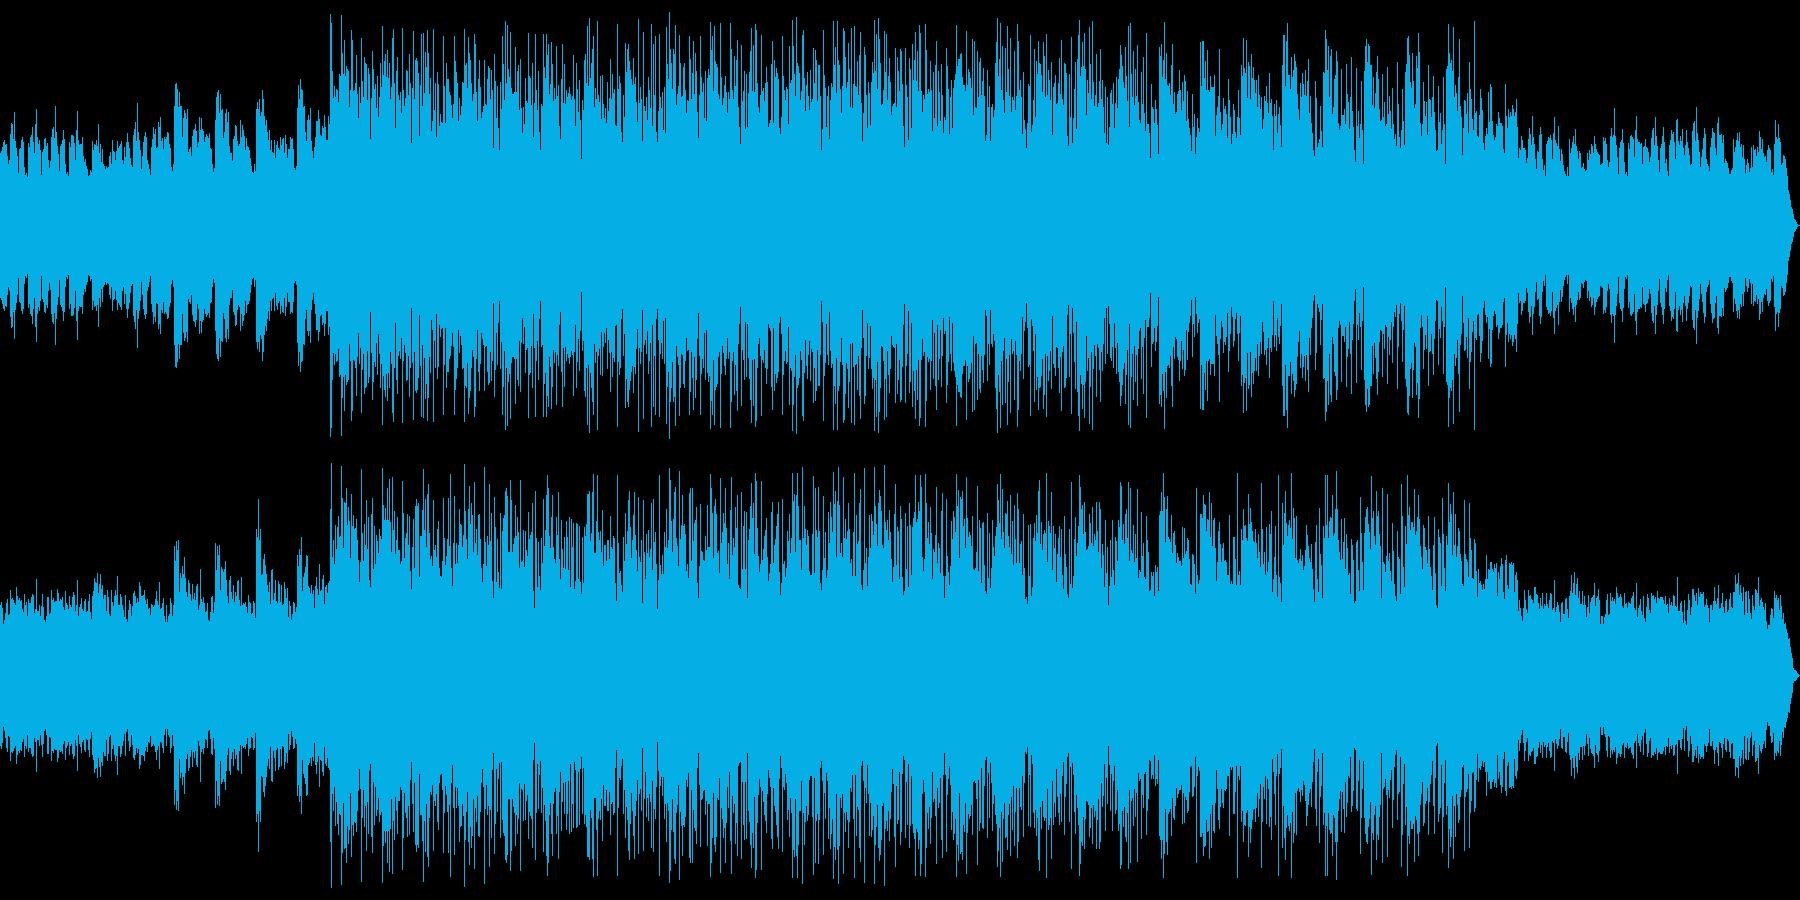 影絵プラハの幻想的な世界観のBGMの再生済みの波形